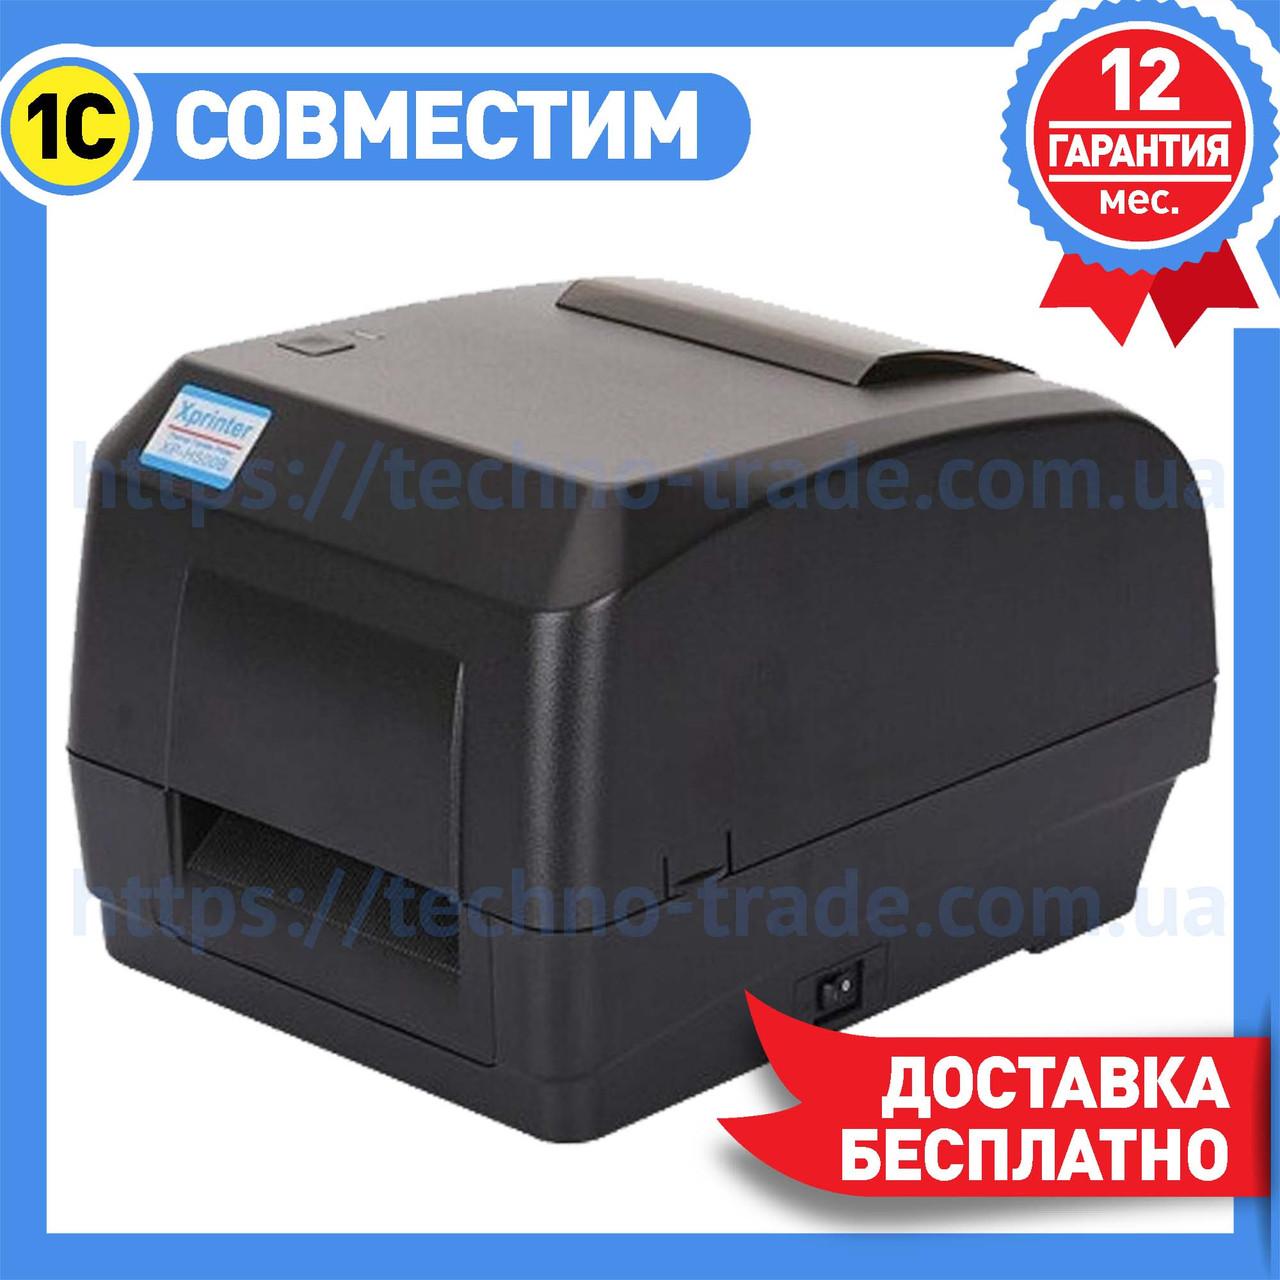 Термотрансферный принтер Xprinter XP-H500B принтер для этикеток штрих-кодов